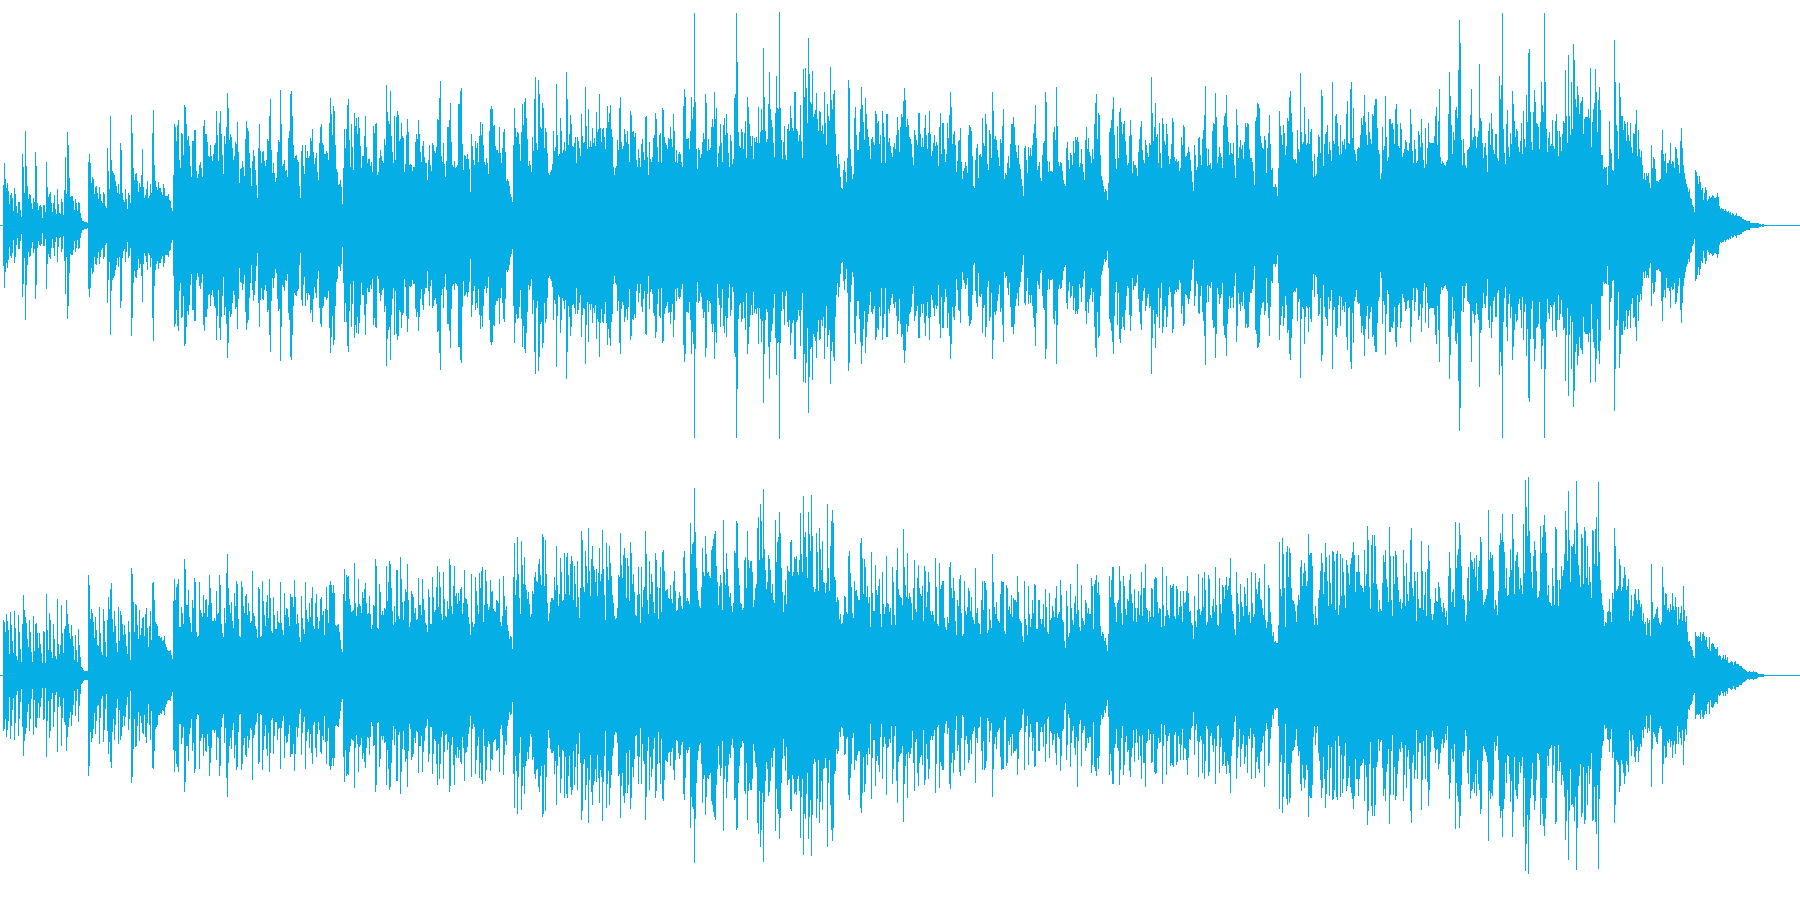 美しいピアノと弦の感動的なバラードの再生済みの波形